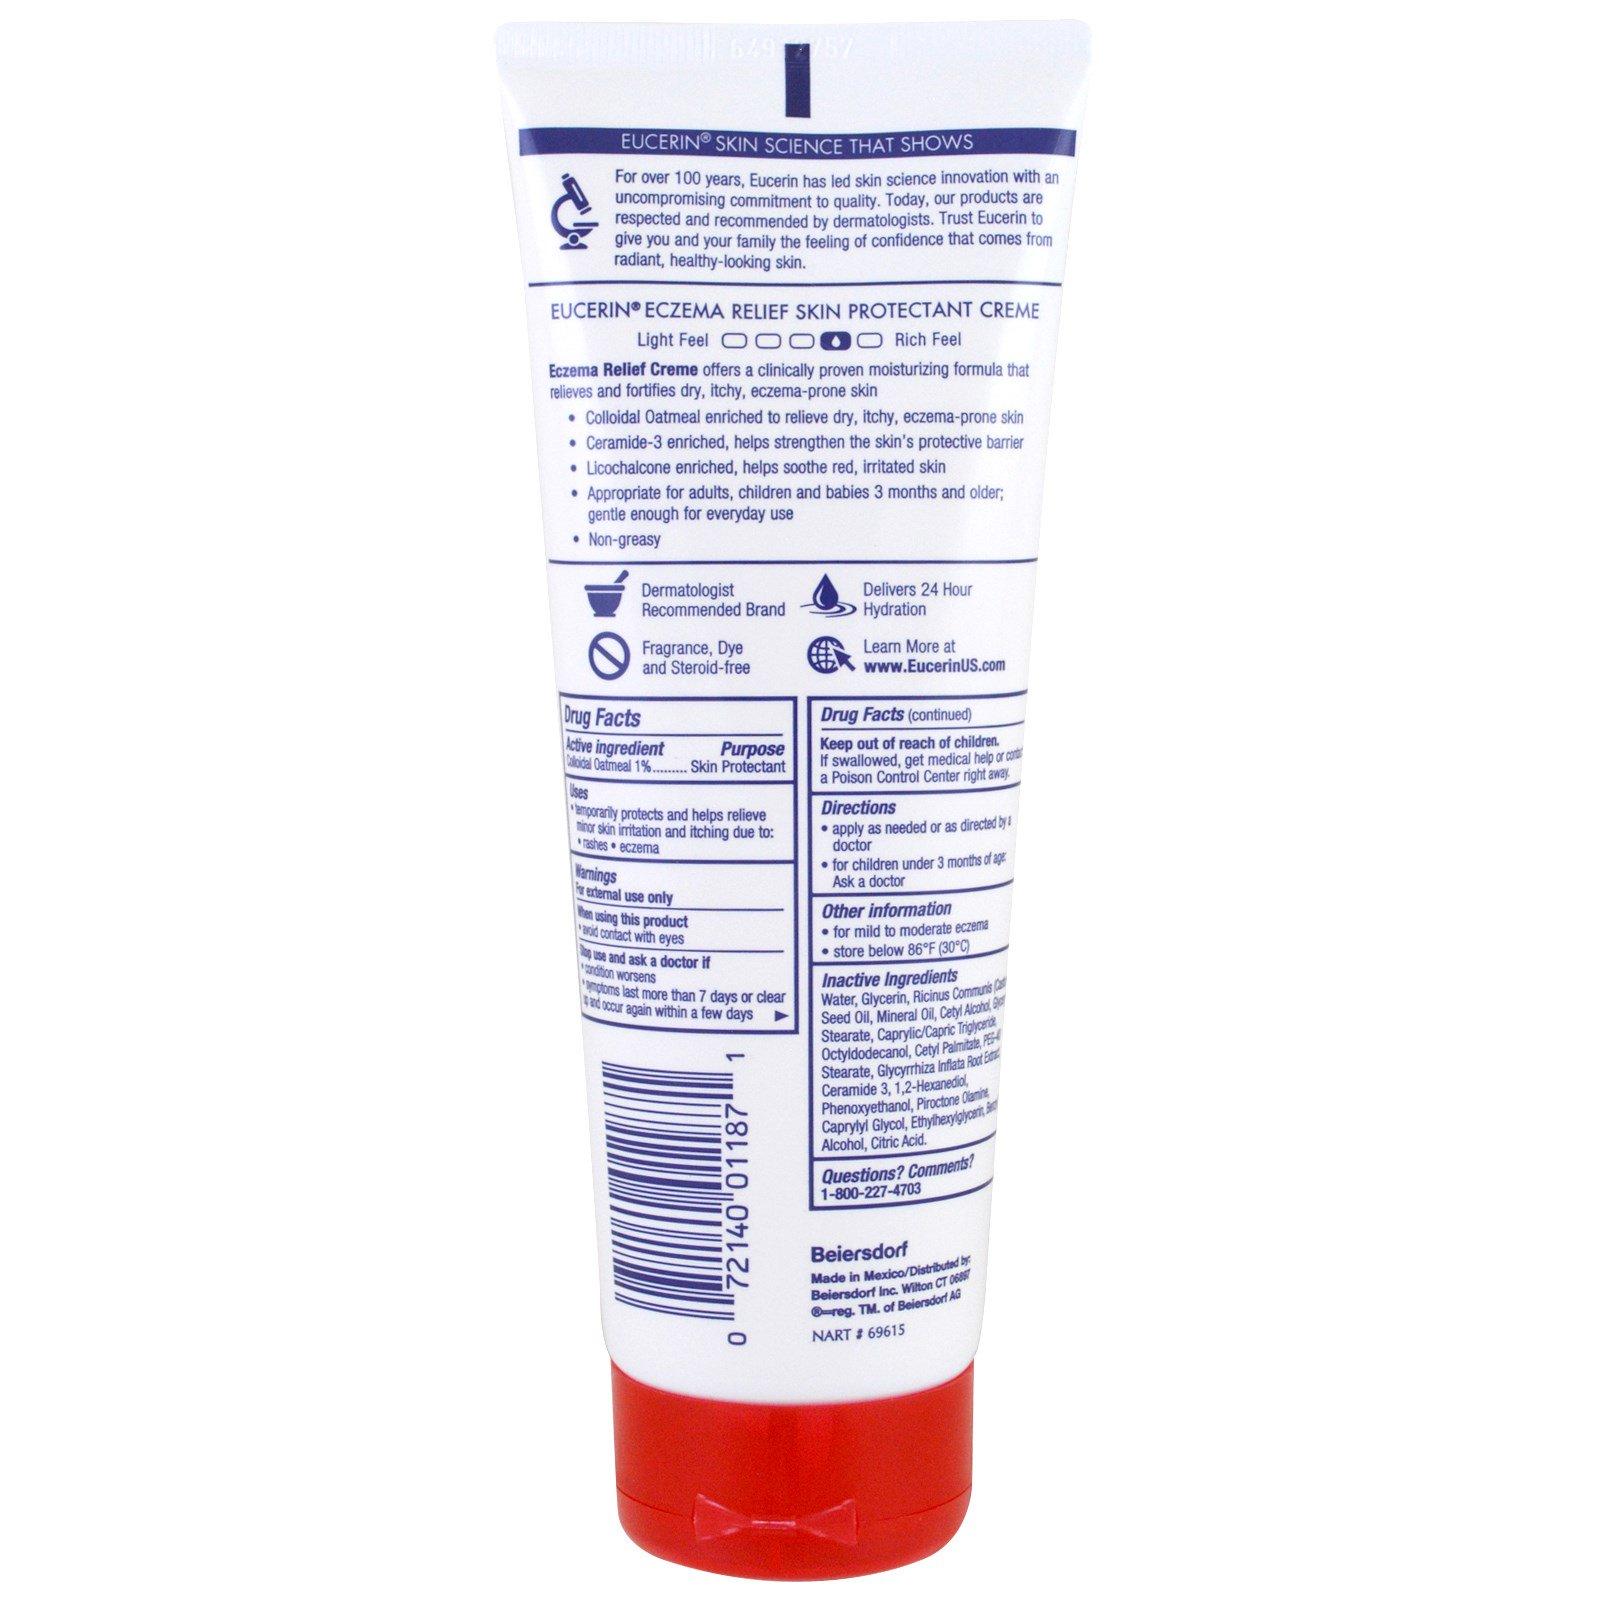 Eucerin, Eczema Relief Body Cream, Eczema-Prone Skin